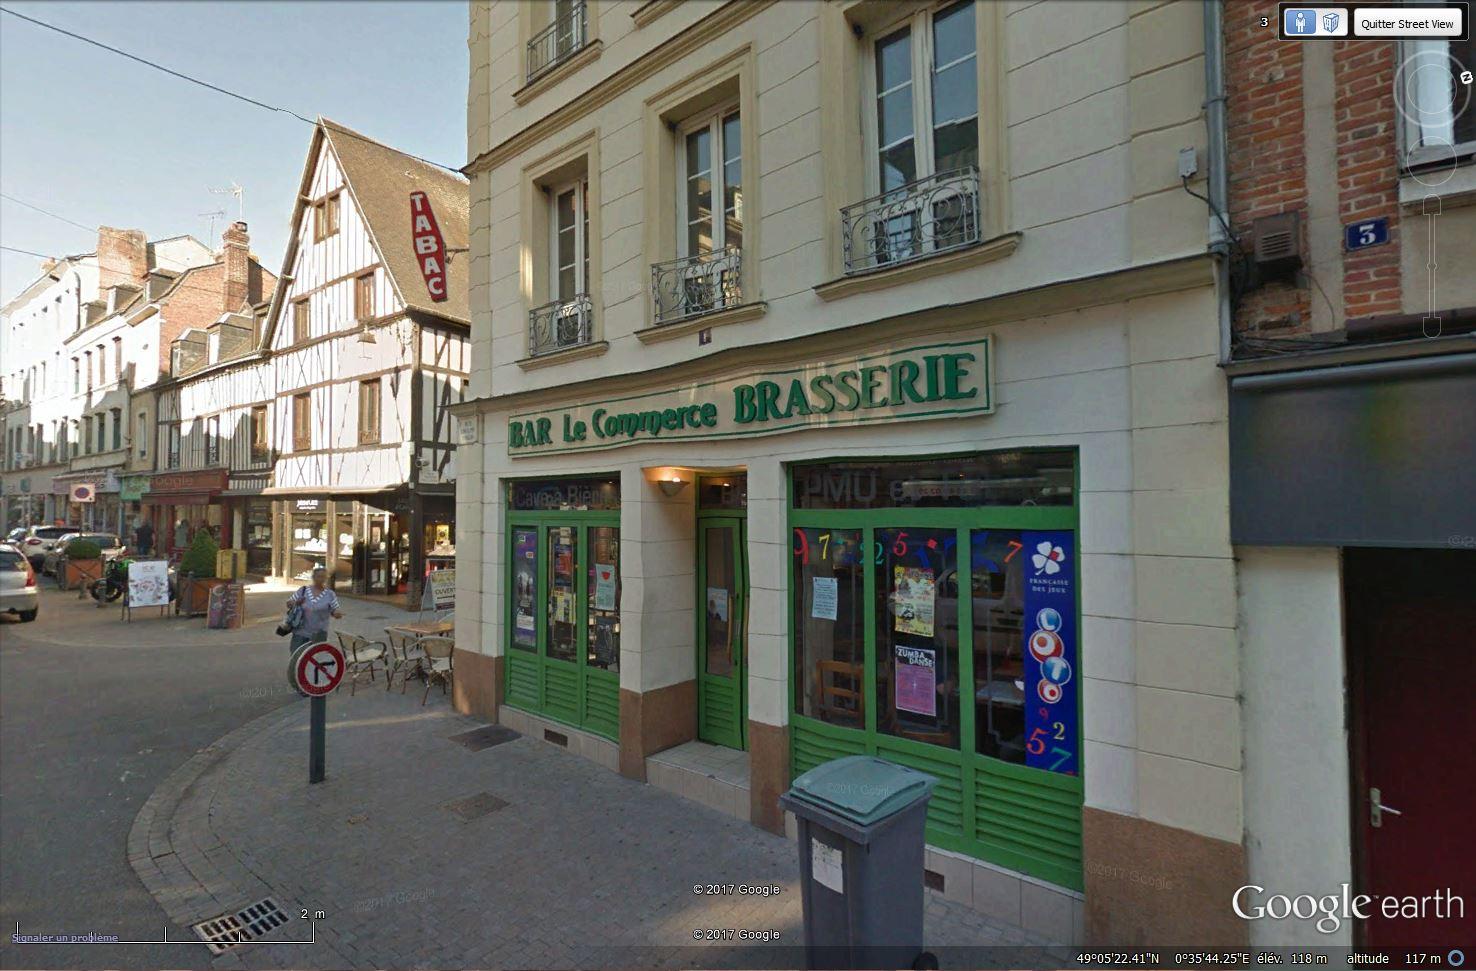 Brasserie du Commerce : à la poursuite d'une institution française - Page 3 Tsge_267